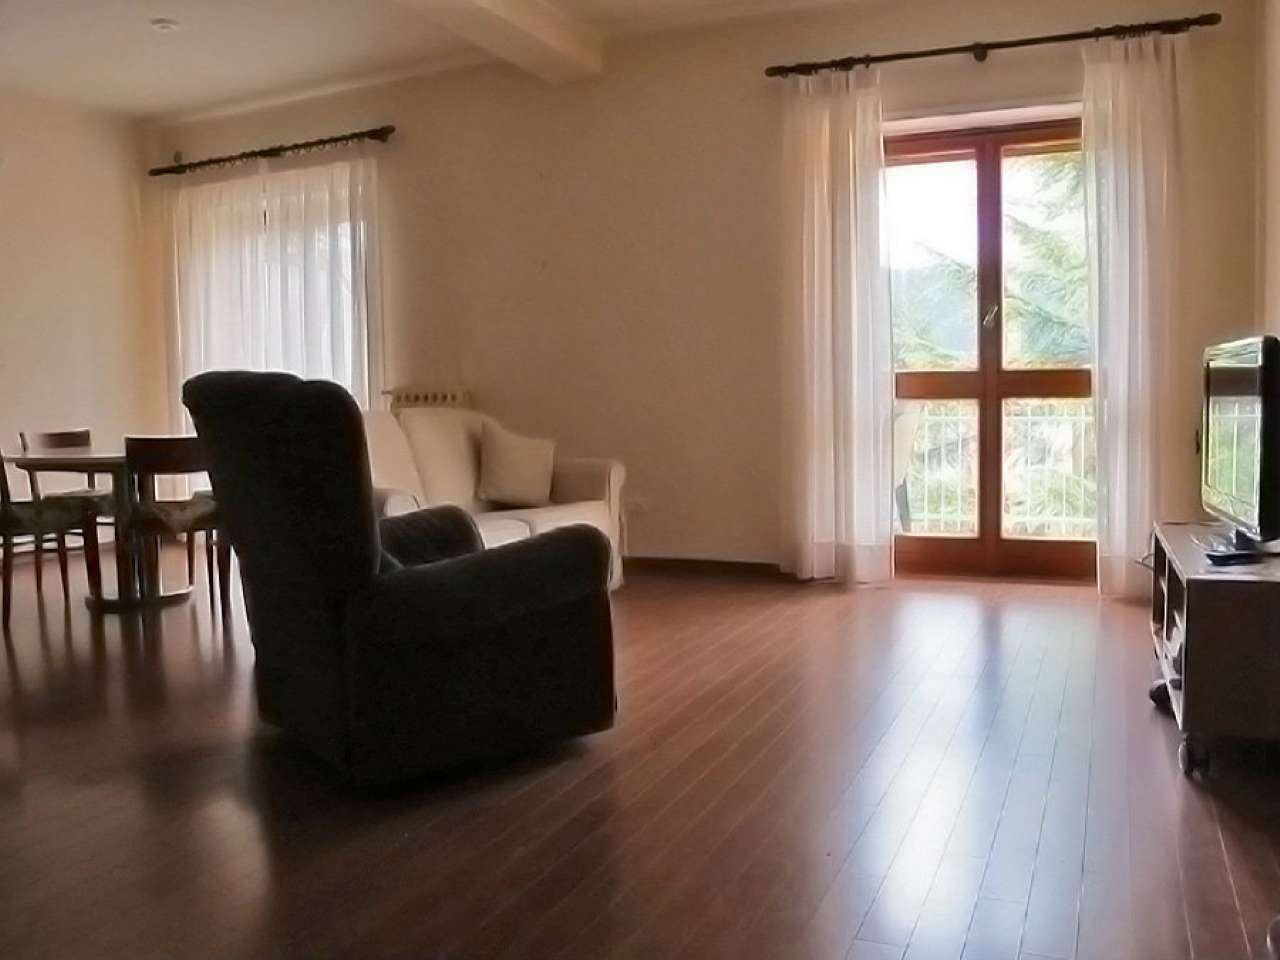 Appartamento in affitto a L'Aquila, 3 locali, prezzo € 550 | CambioCasa.it